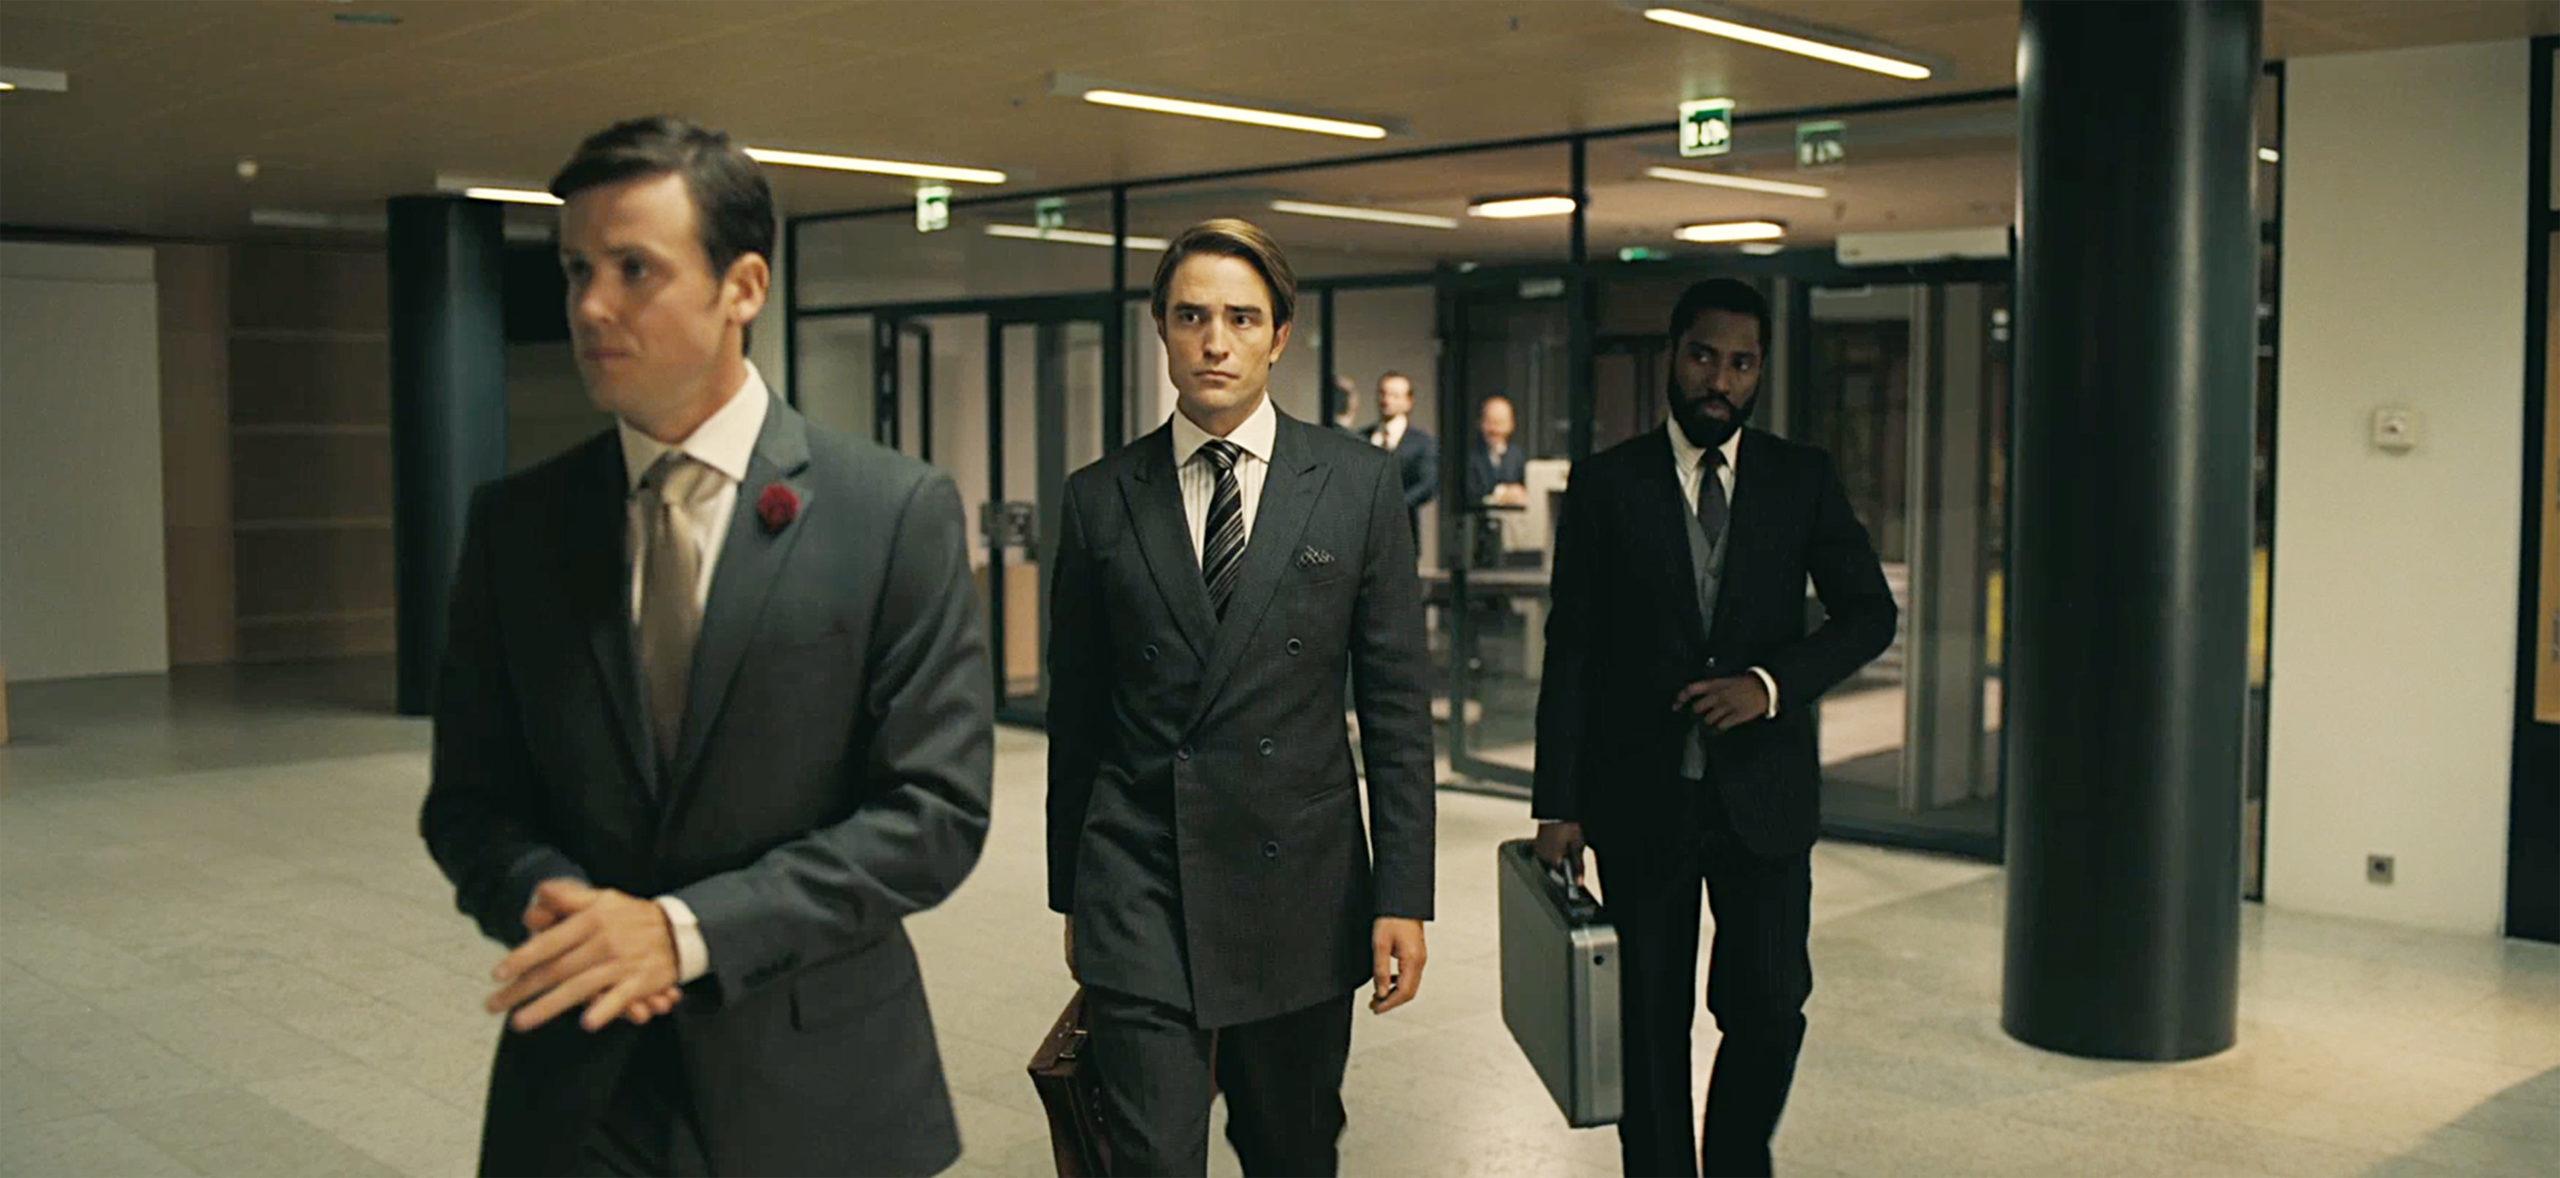 «Довод», «Стрельцов», «Мулан»: главные кинопремьеры сентября